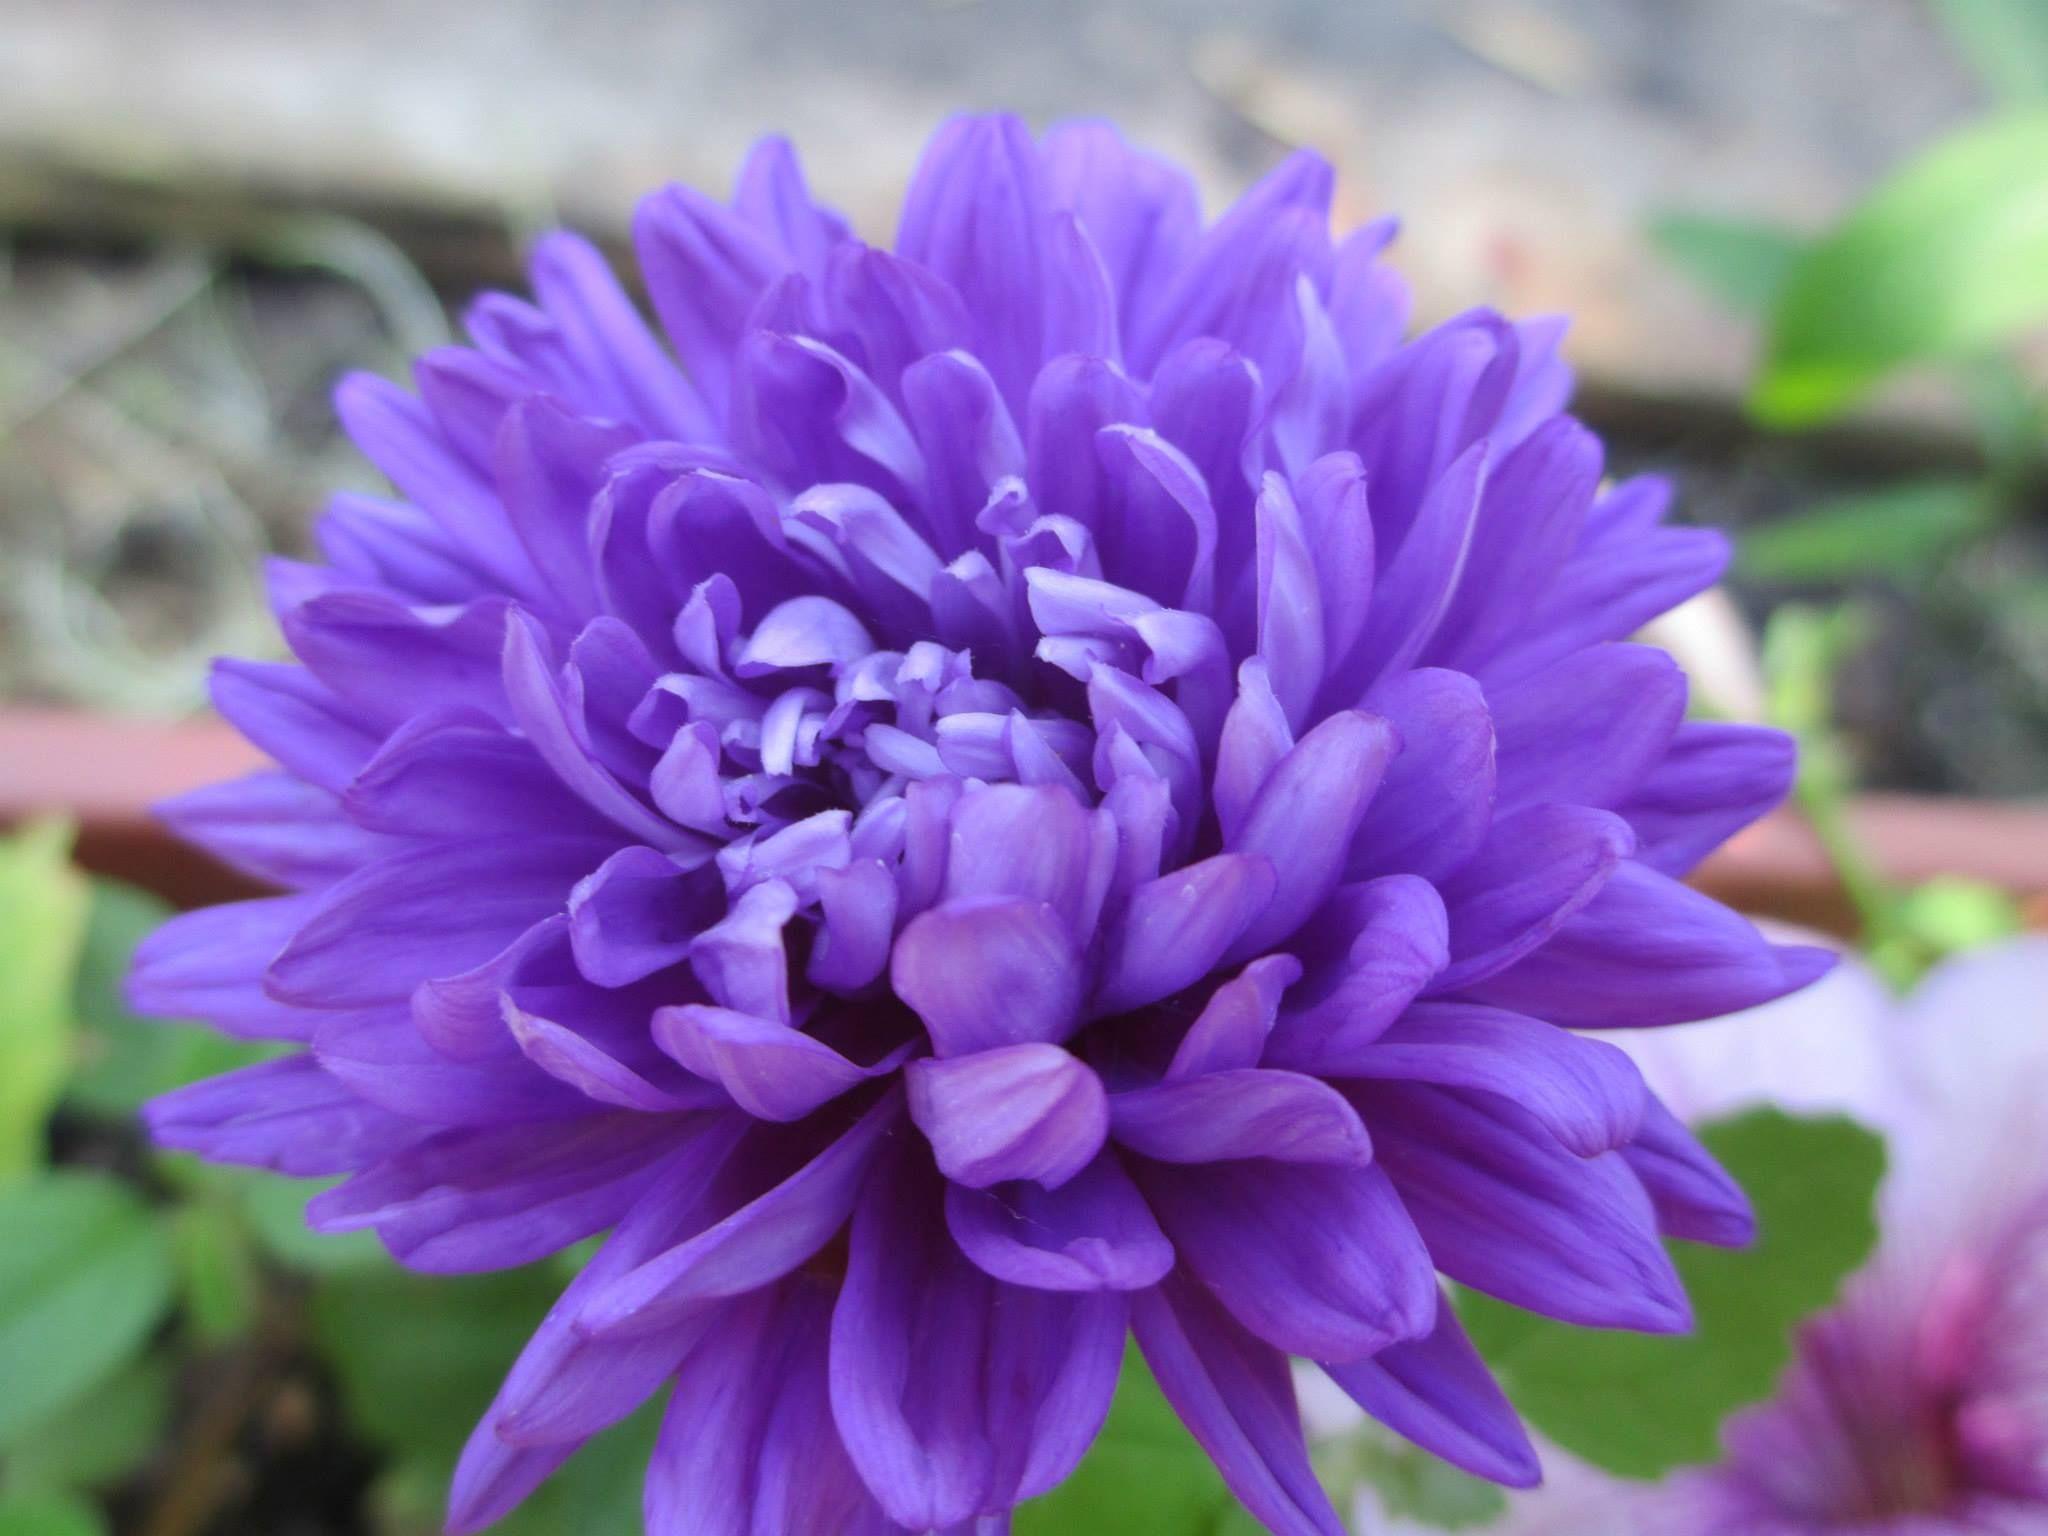 A Milady Deep Blue Aster Grown By Swallowtail Garden Seeds Customer